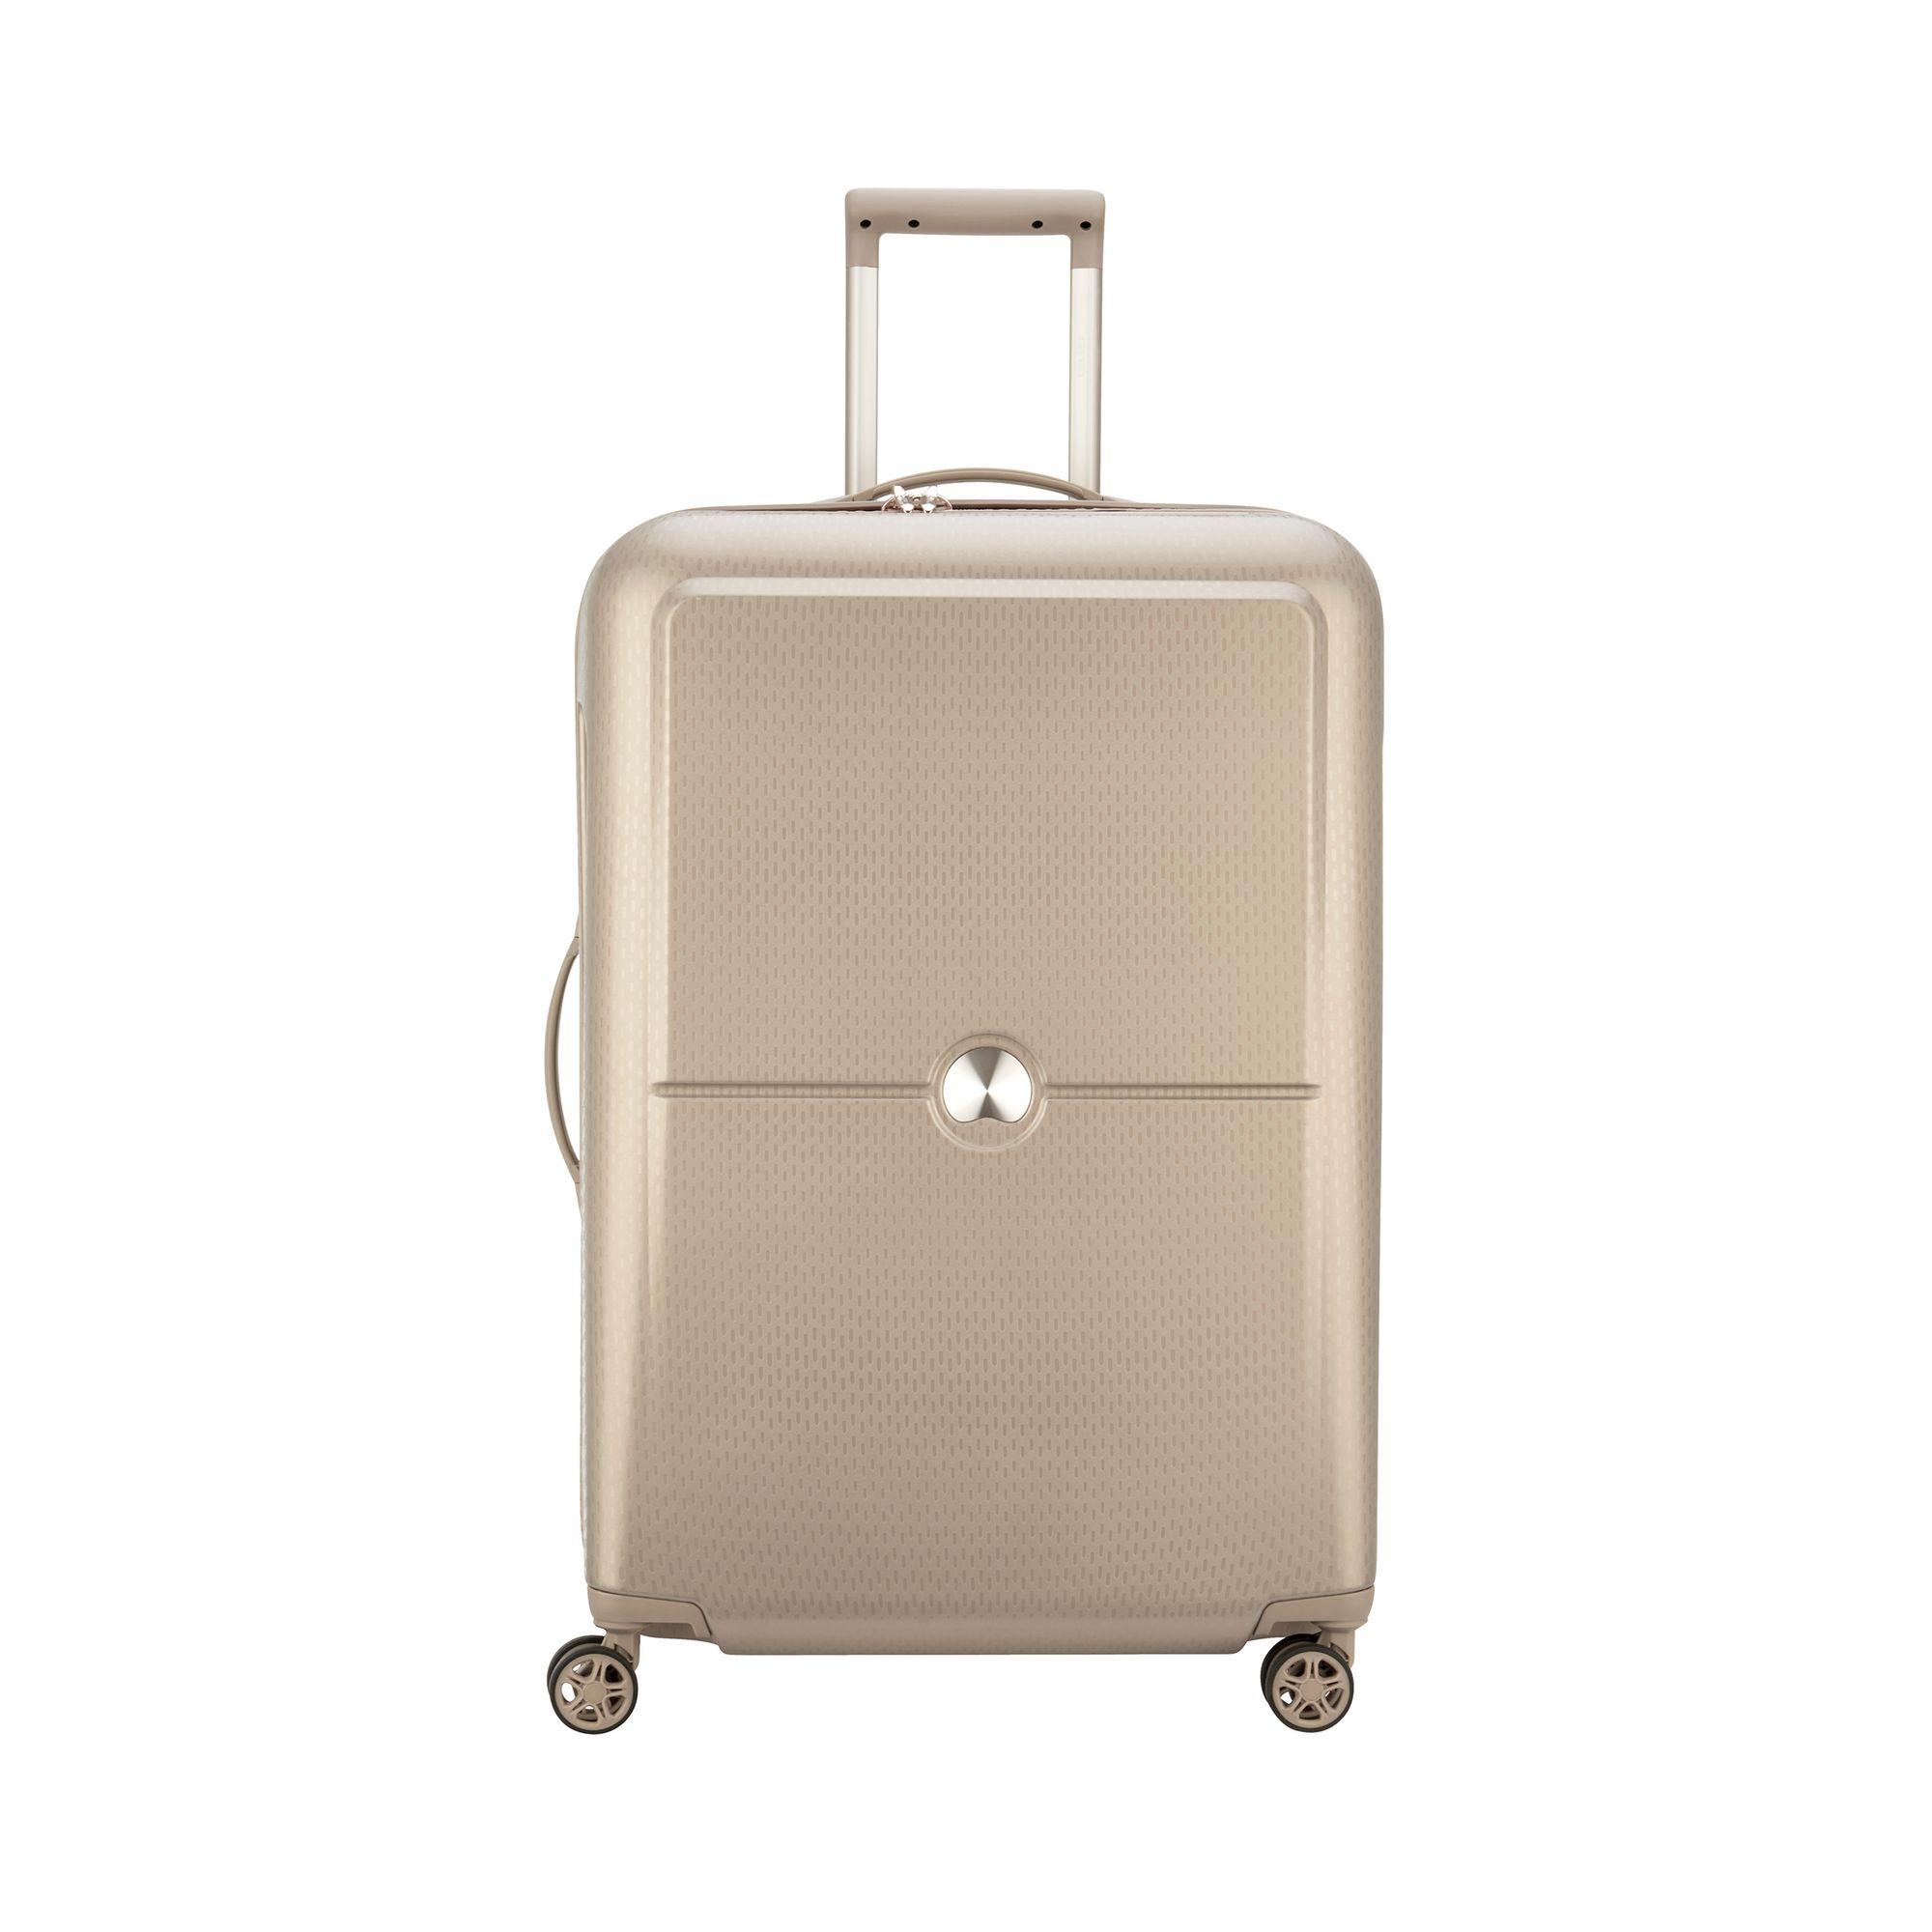 Handla online Delsey Turenne hård resväska, 4 hjul, 70 cm